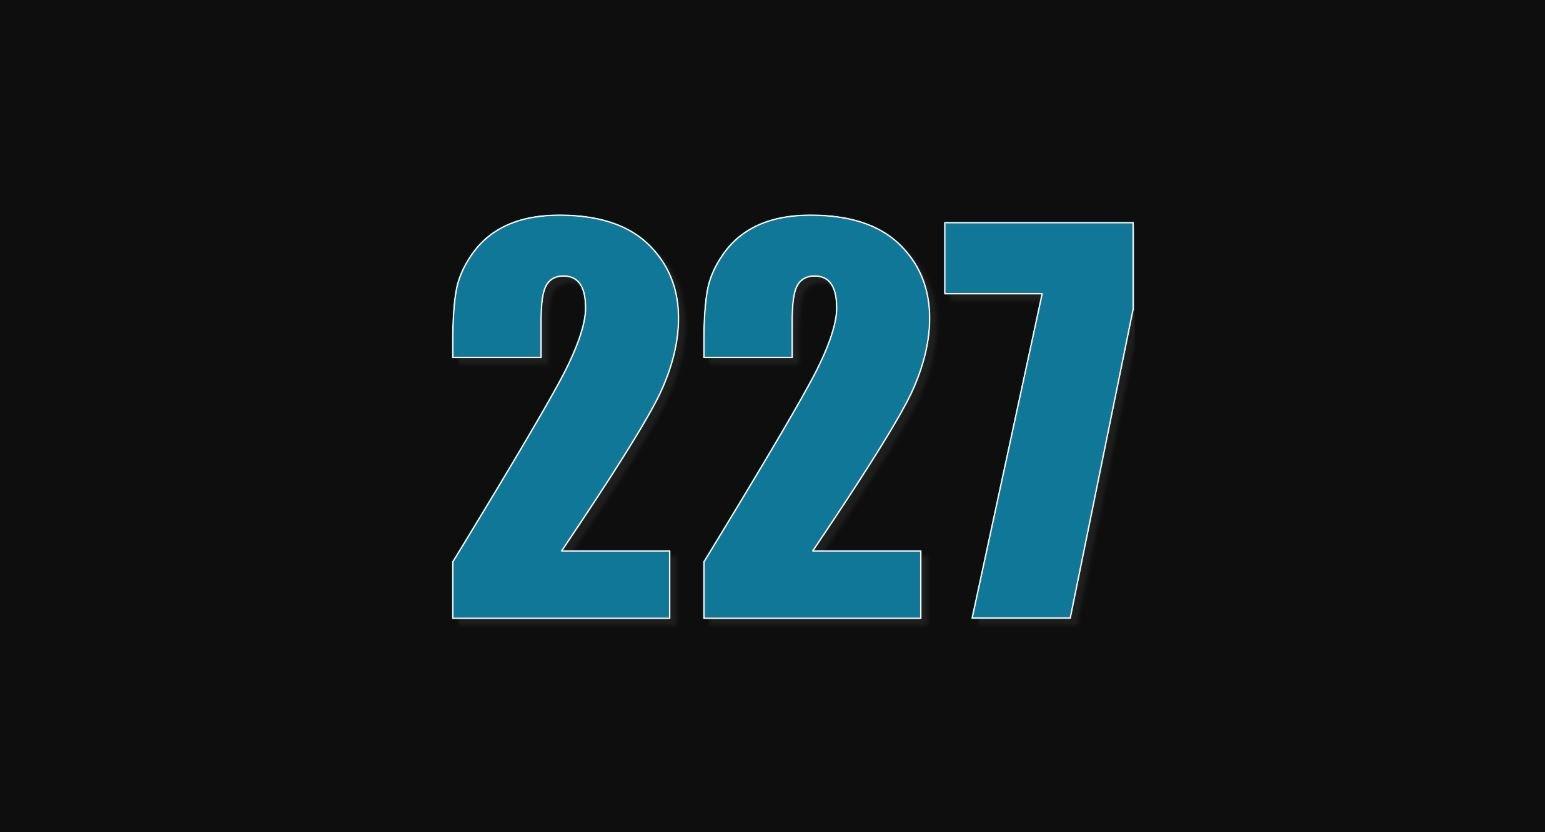 Significado del número 227